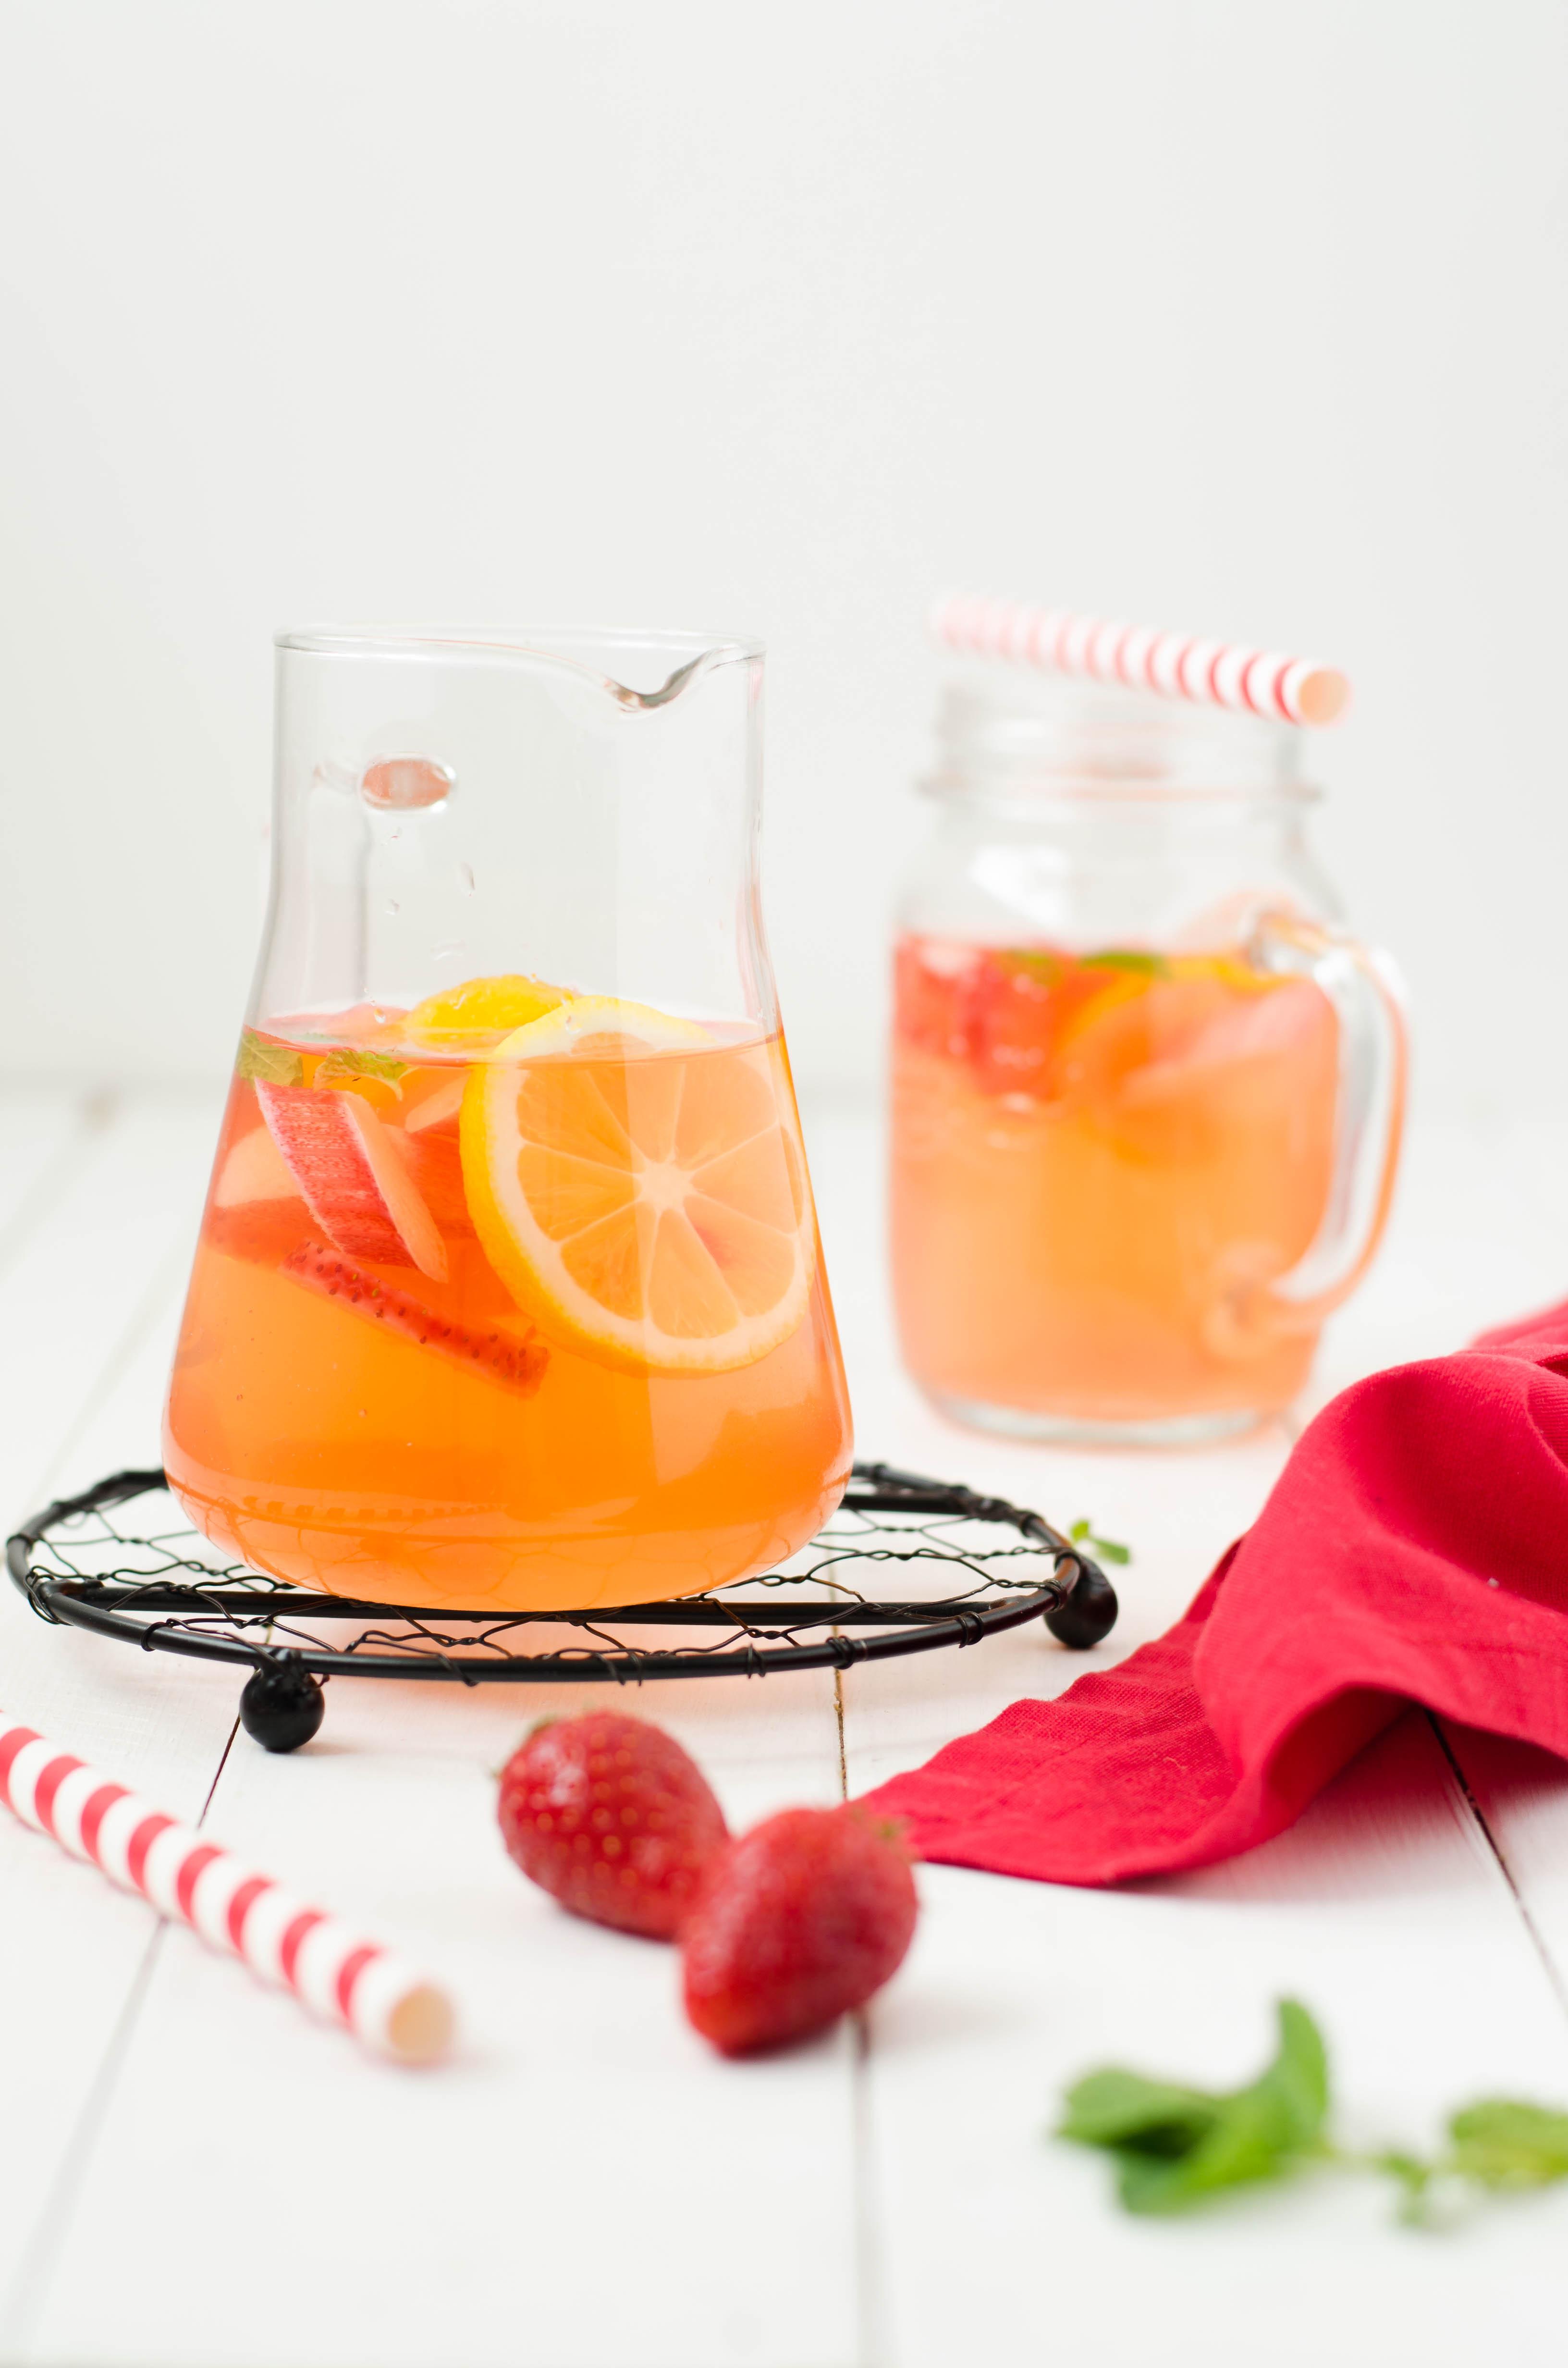 acqua_aromatizzata_rabarbaro1 Acqua aromatizzata al rabarbaro, fragole e zenzero